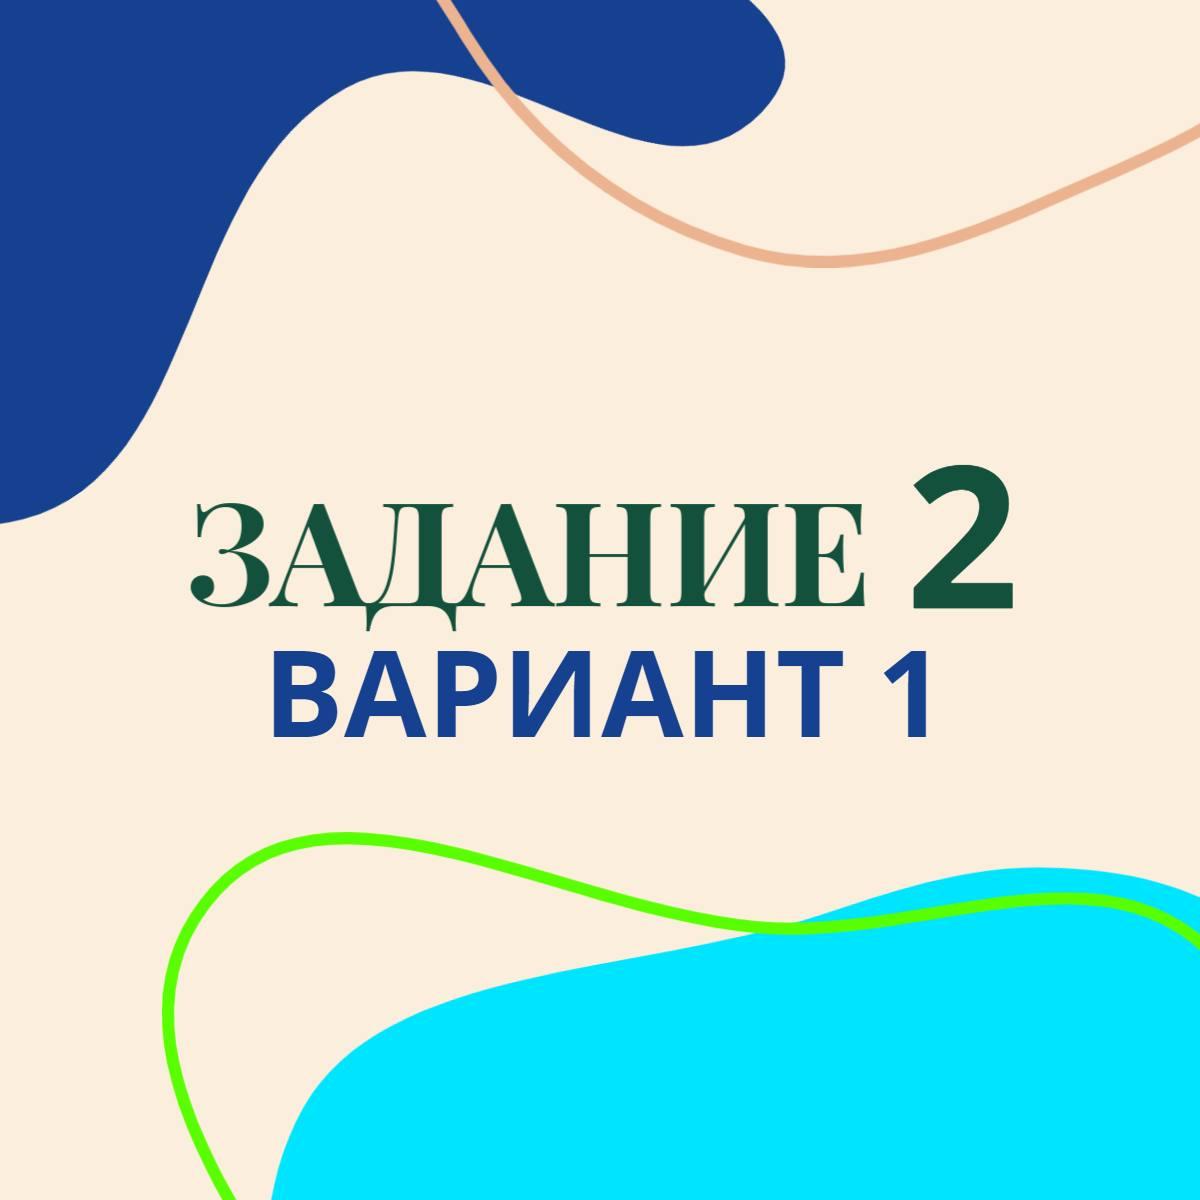 задание 2 вариант 1